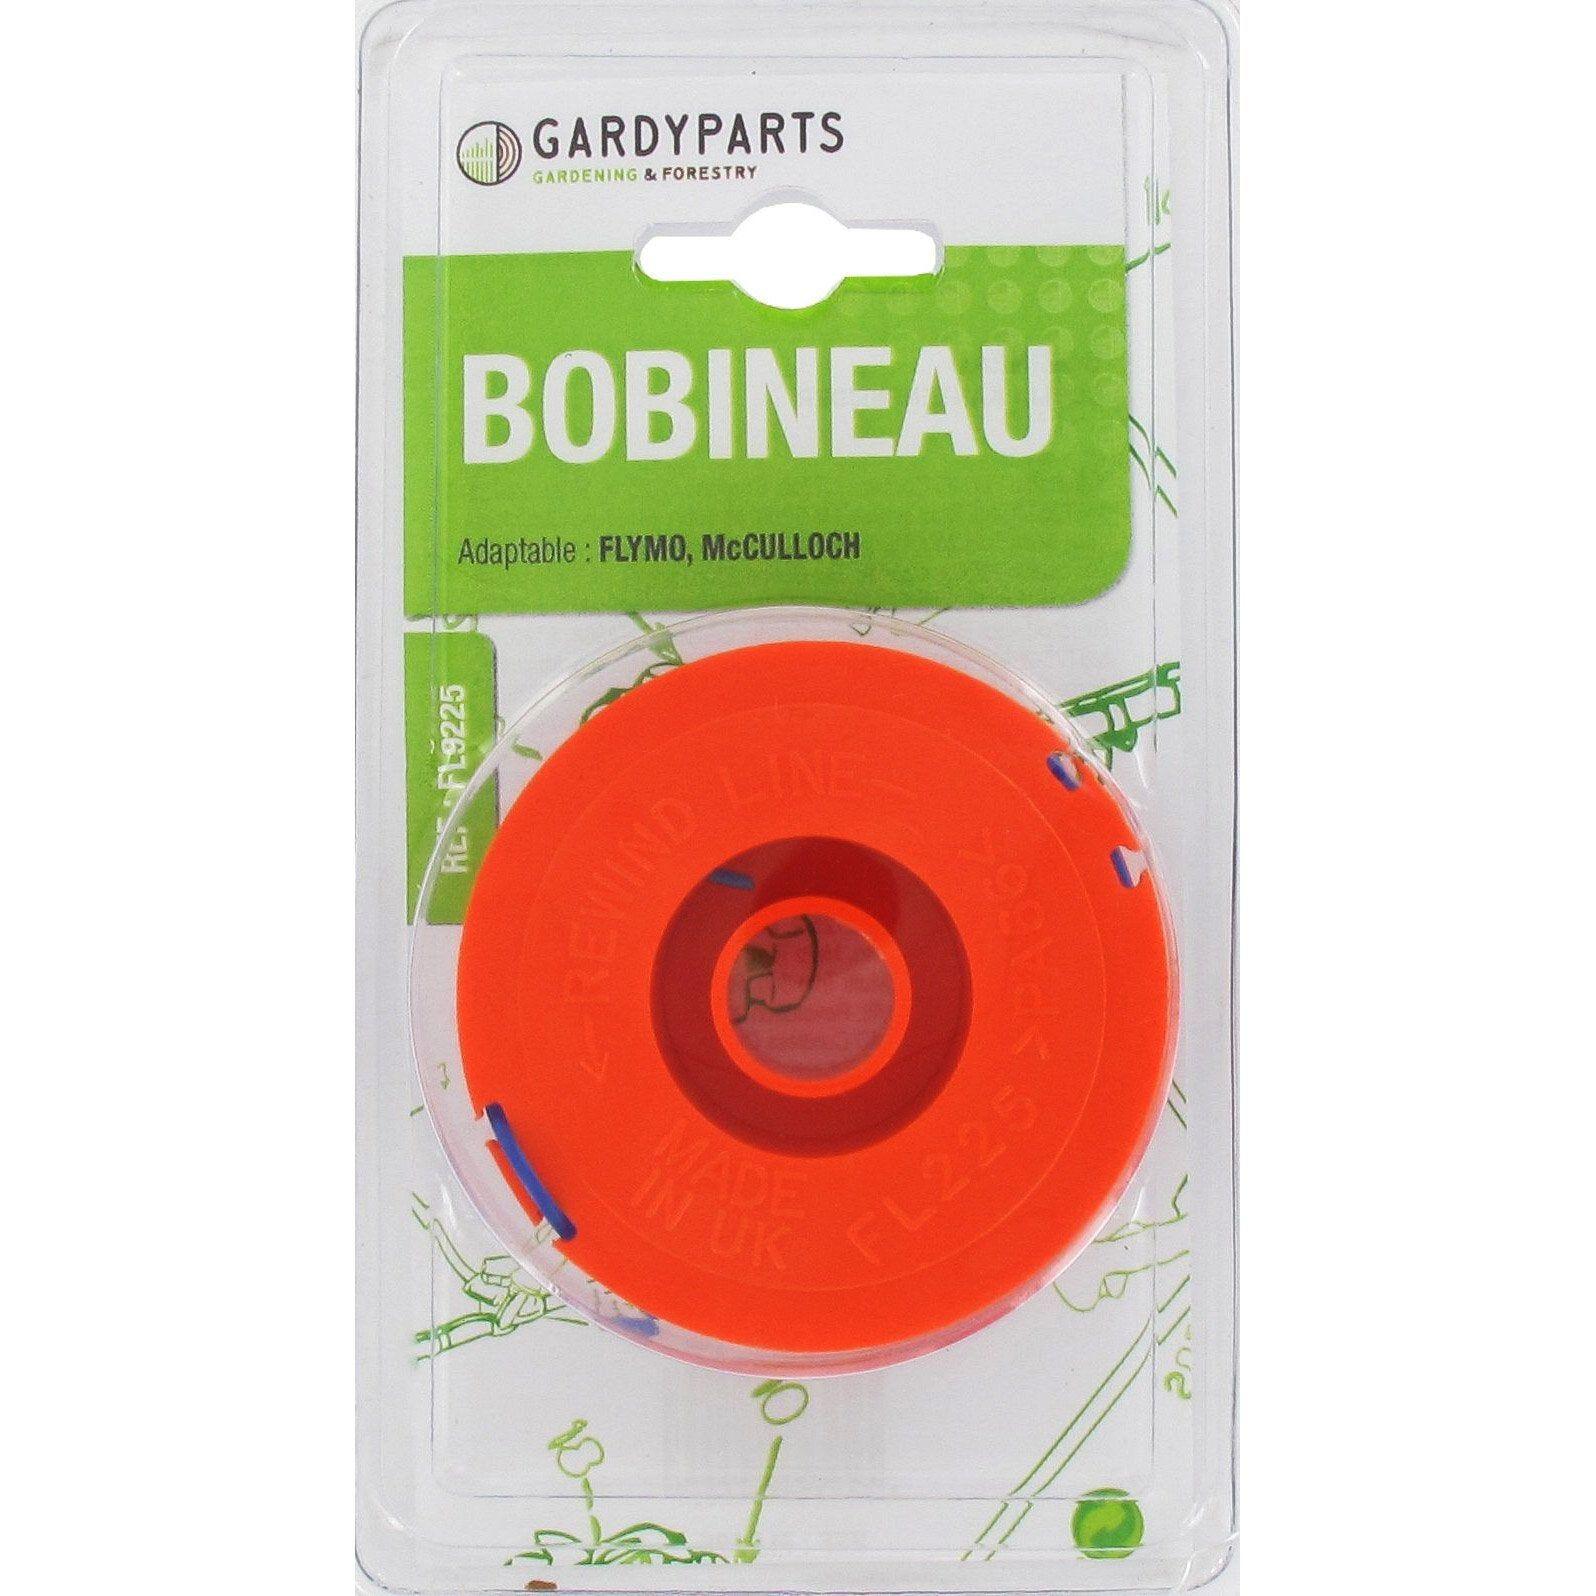 Bobine Jardin Pratic Pour Coupe Bordures Fl9225 Bobine Castorama France Et Castorama